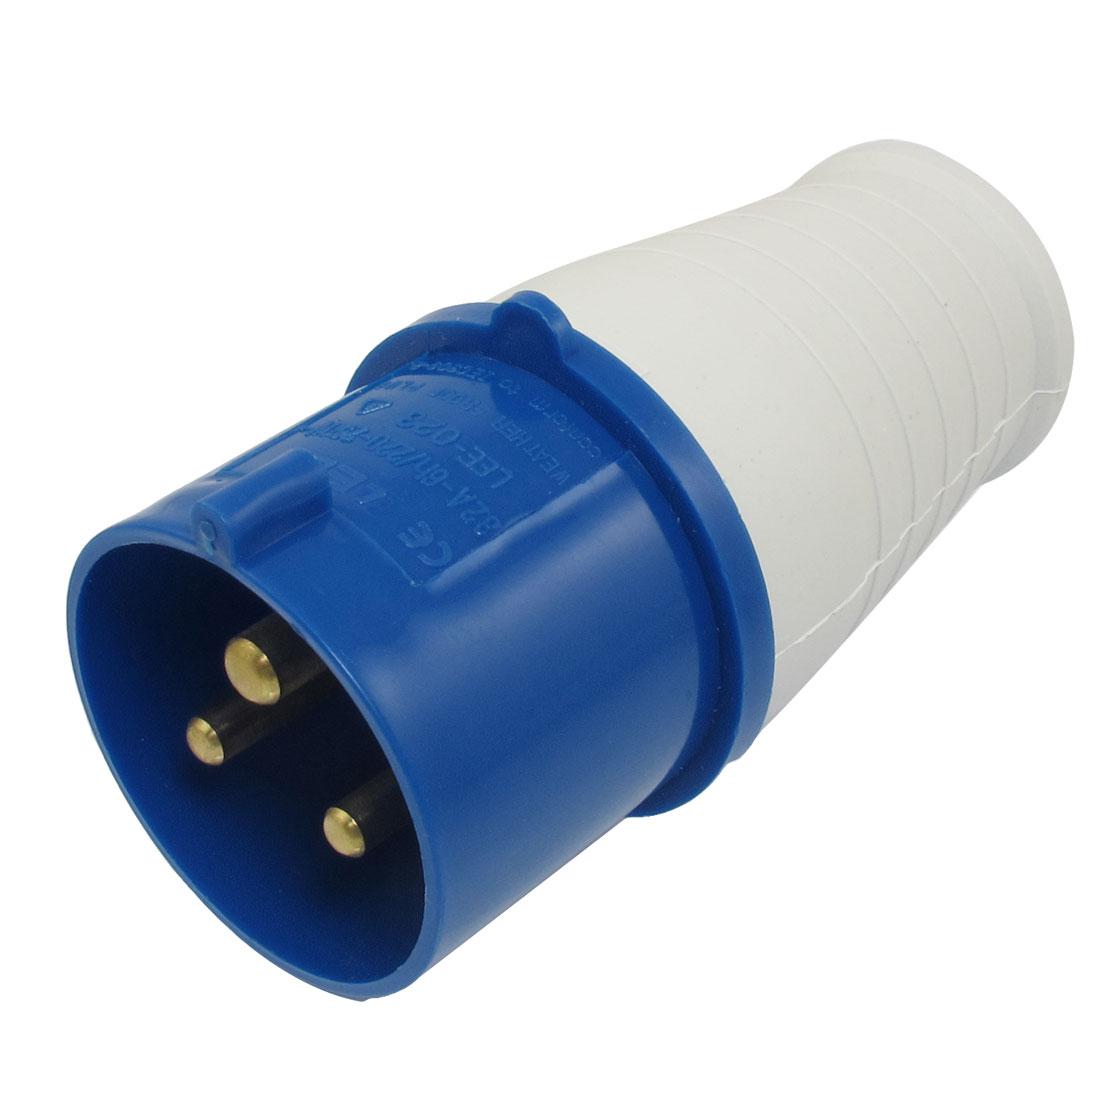 AC 220-250V 32A IP44 2P + E IEC309-2 Industrial Conector